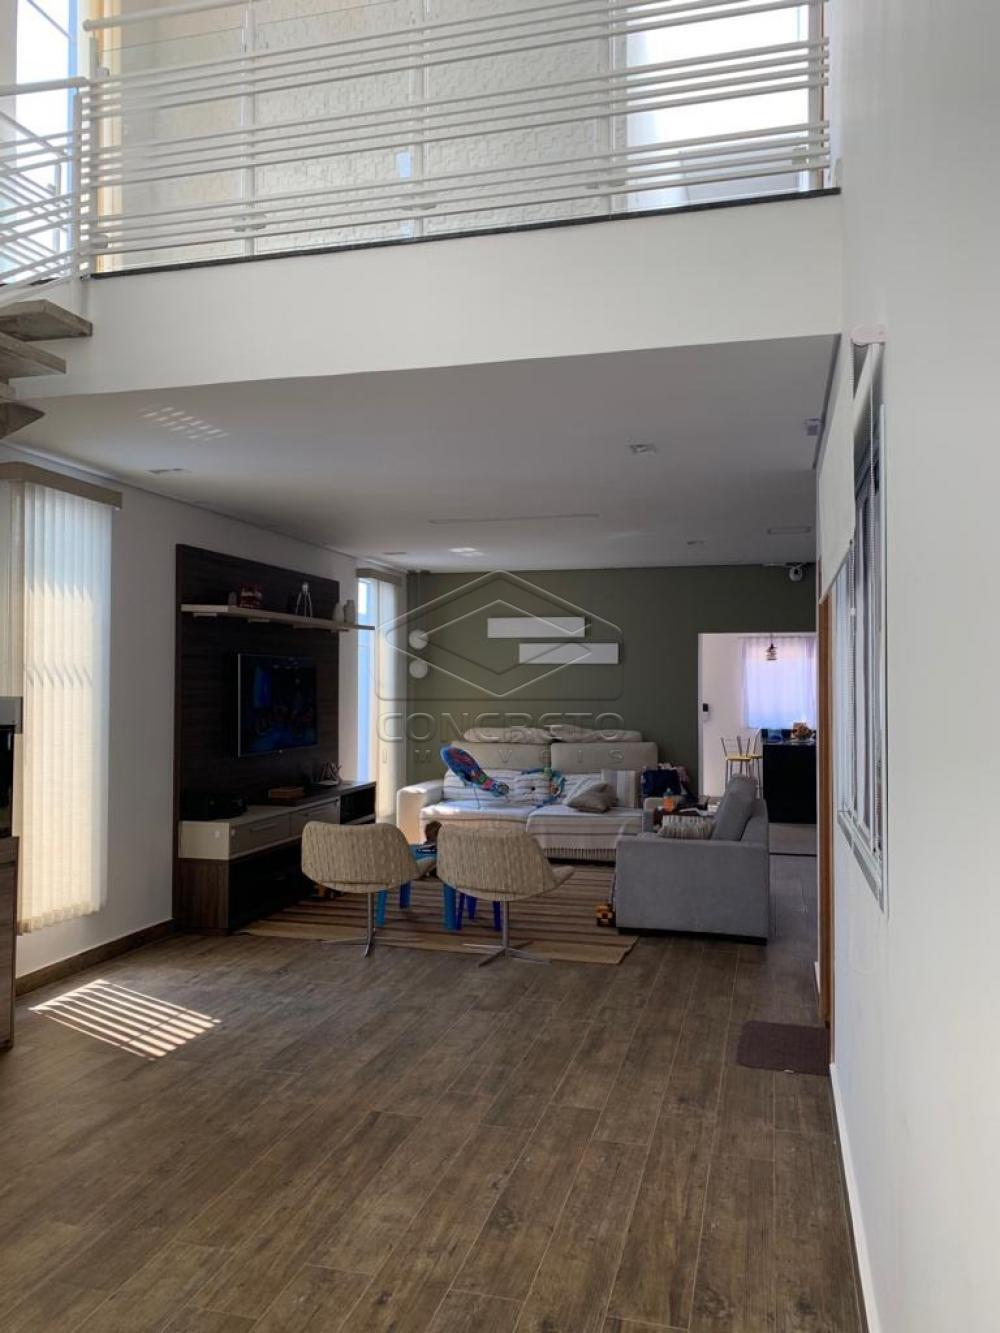 Comprar Casa / Padrão em Sao Manuel apenas R$ 650.000,00 - Foto 128